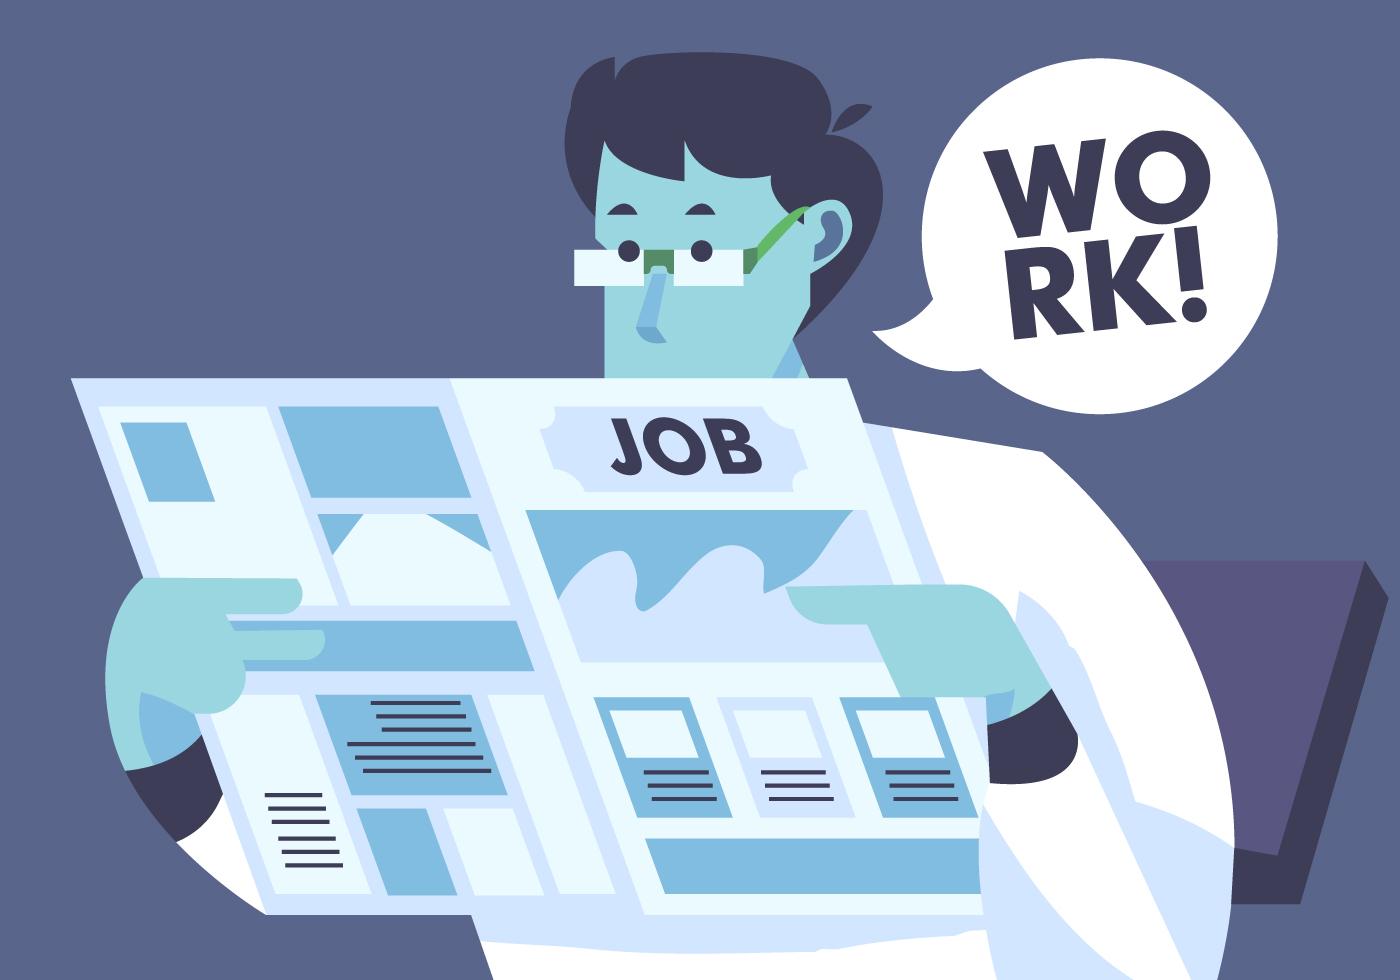 Job search paper